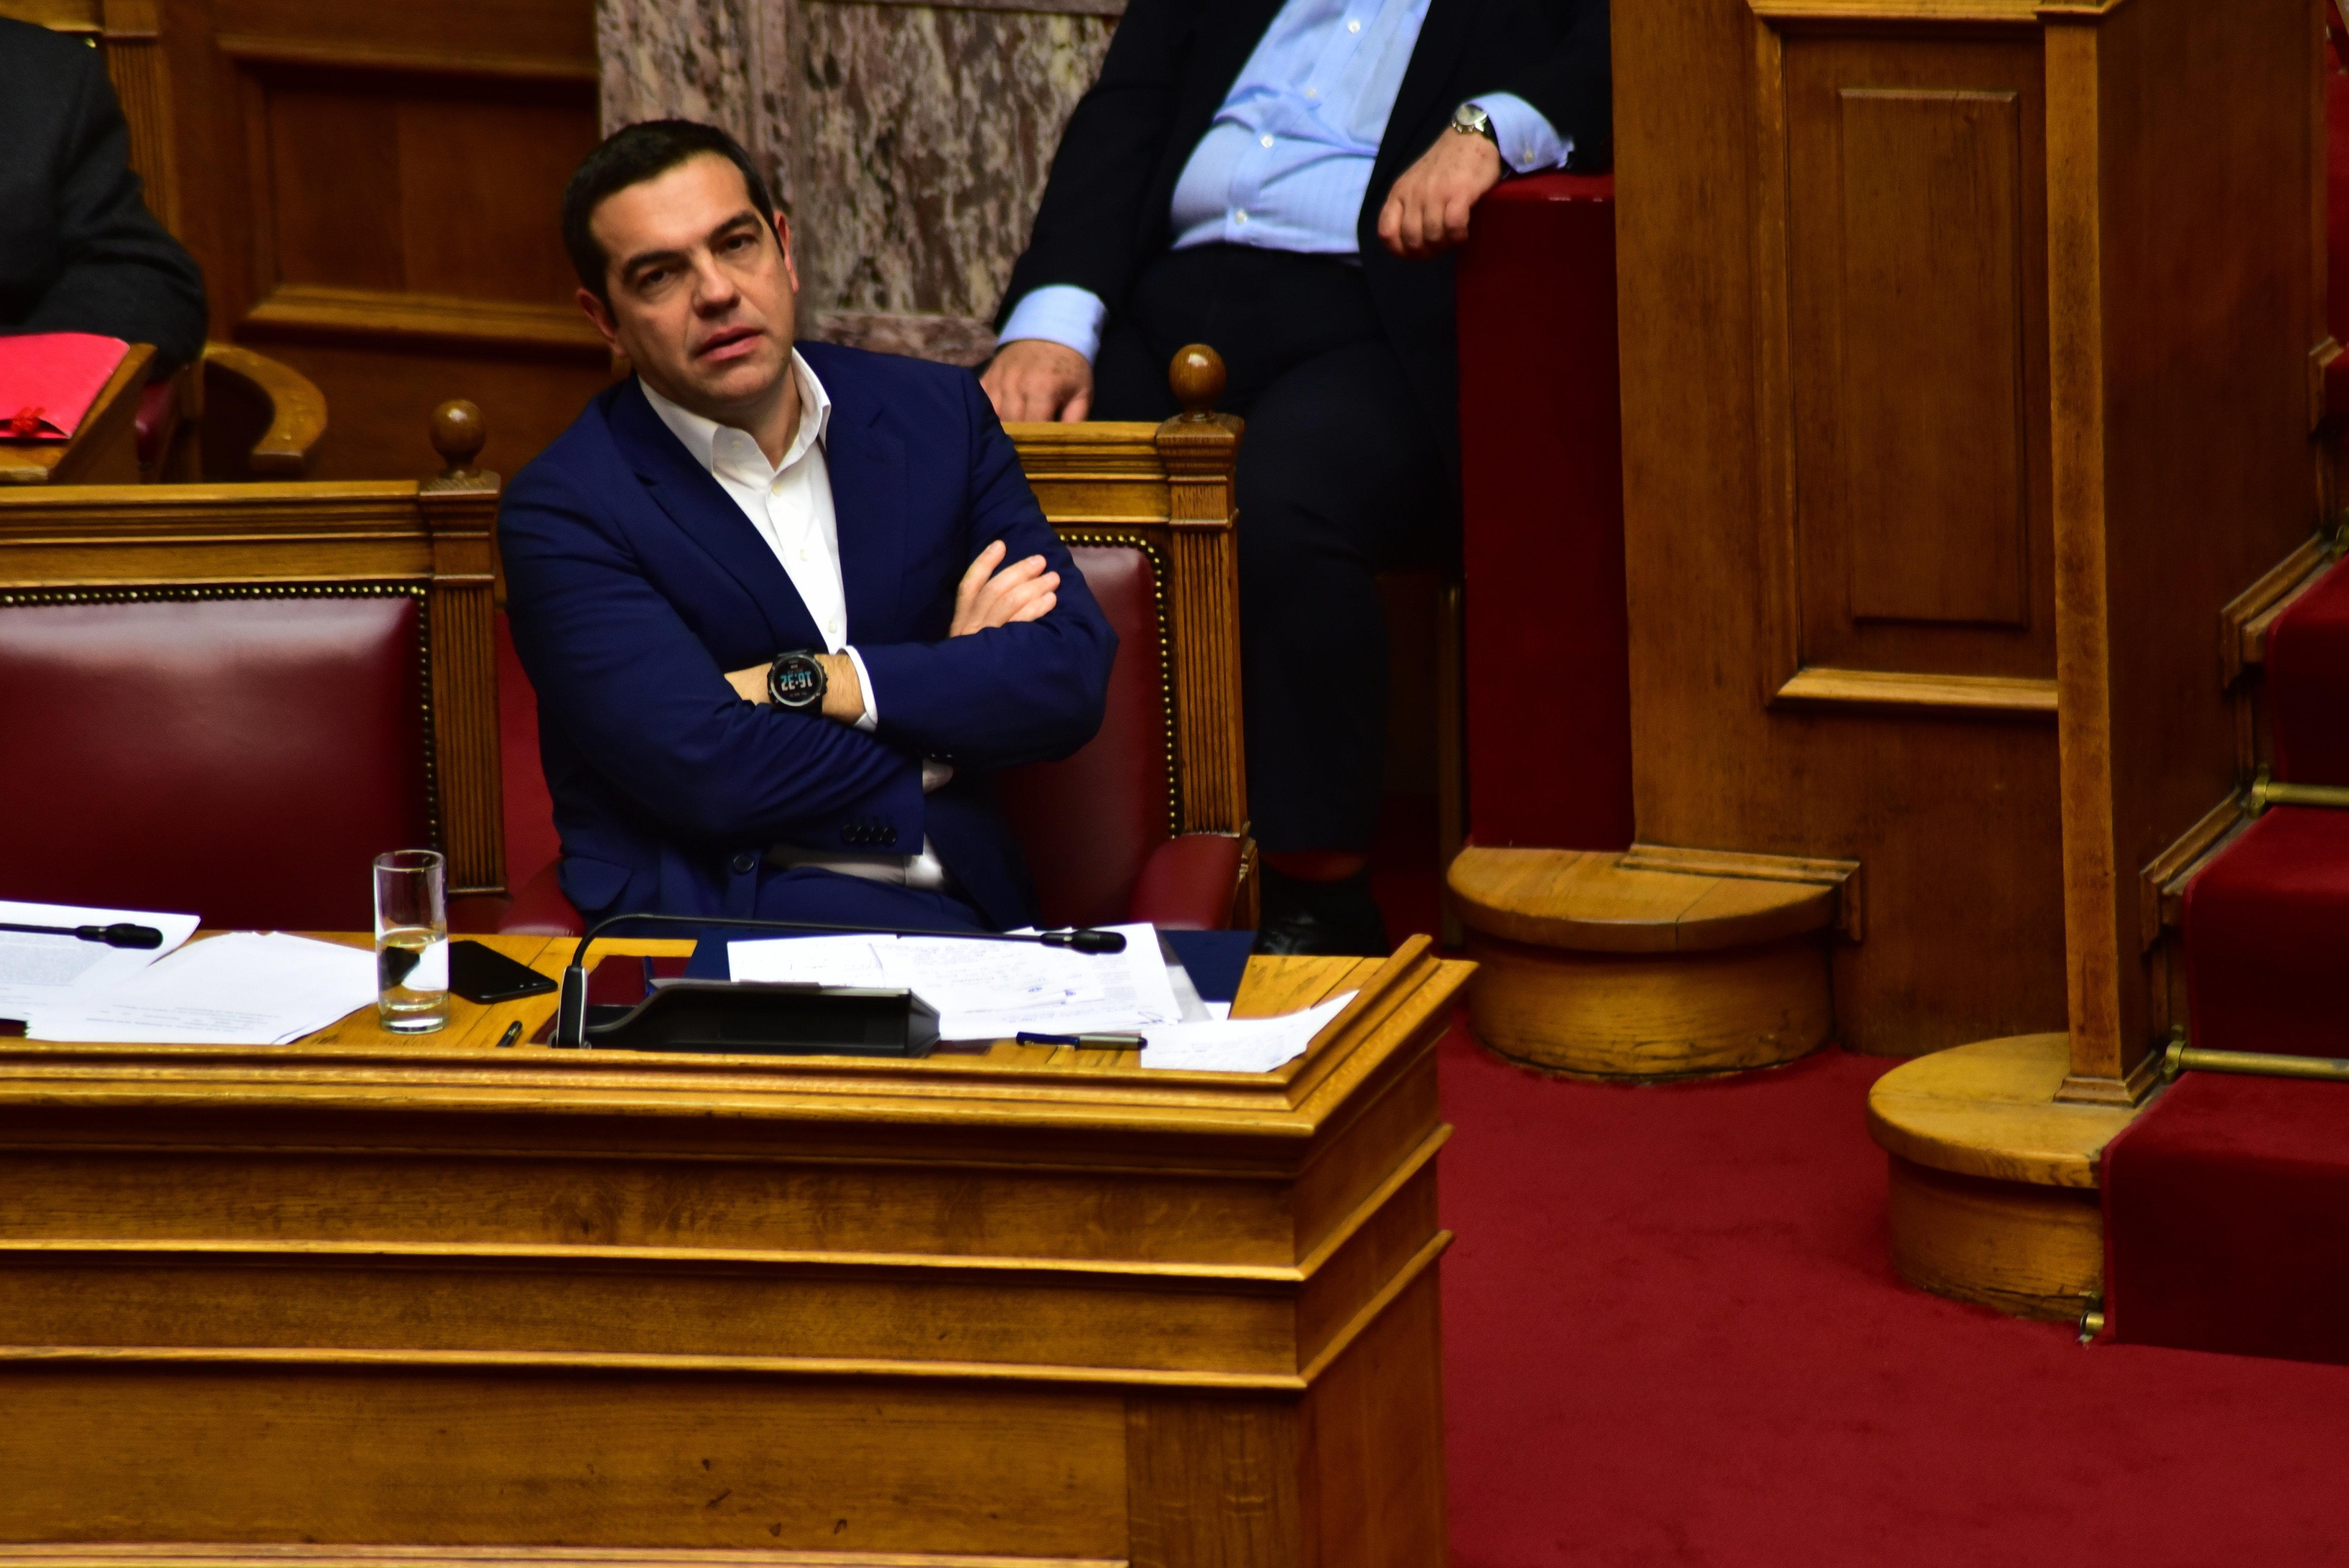 Στη Βουλή για τον ΕΝΦΙΑ ο Τσίπρας - Ανοιχτή η κουβέντα για τους δημάρχους στον